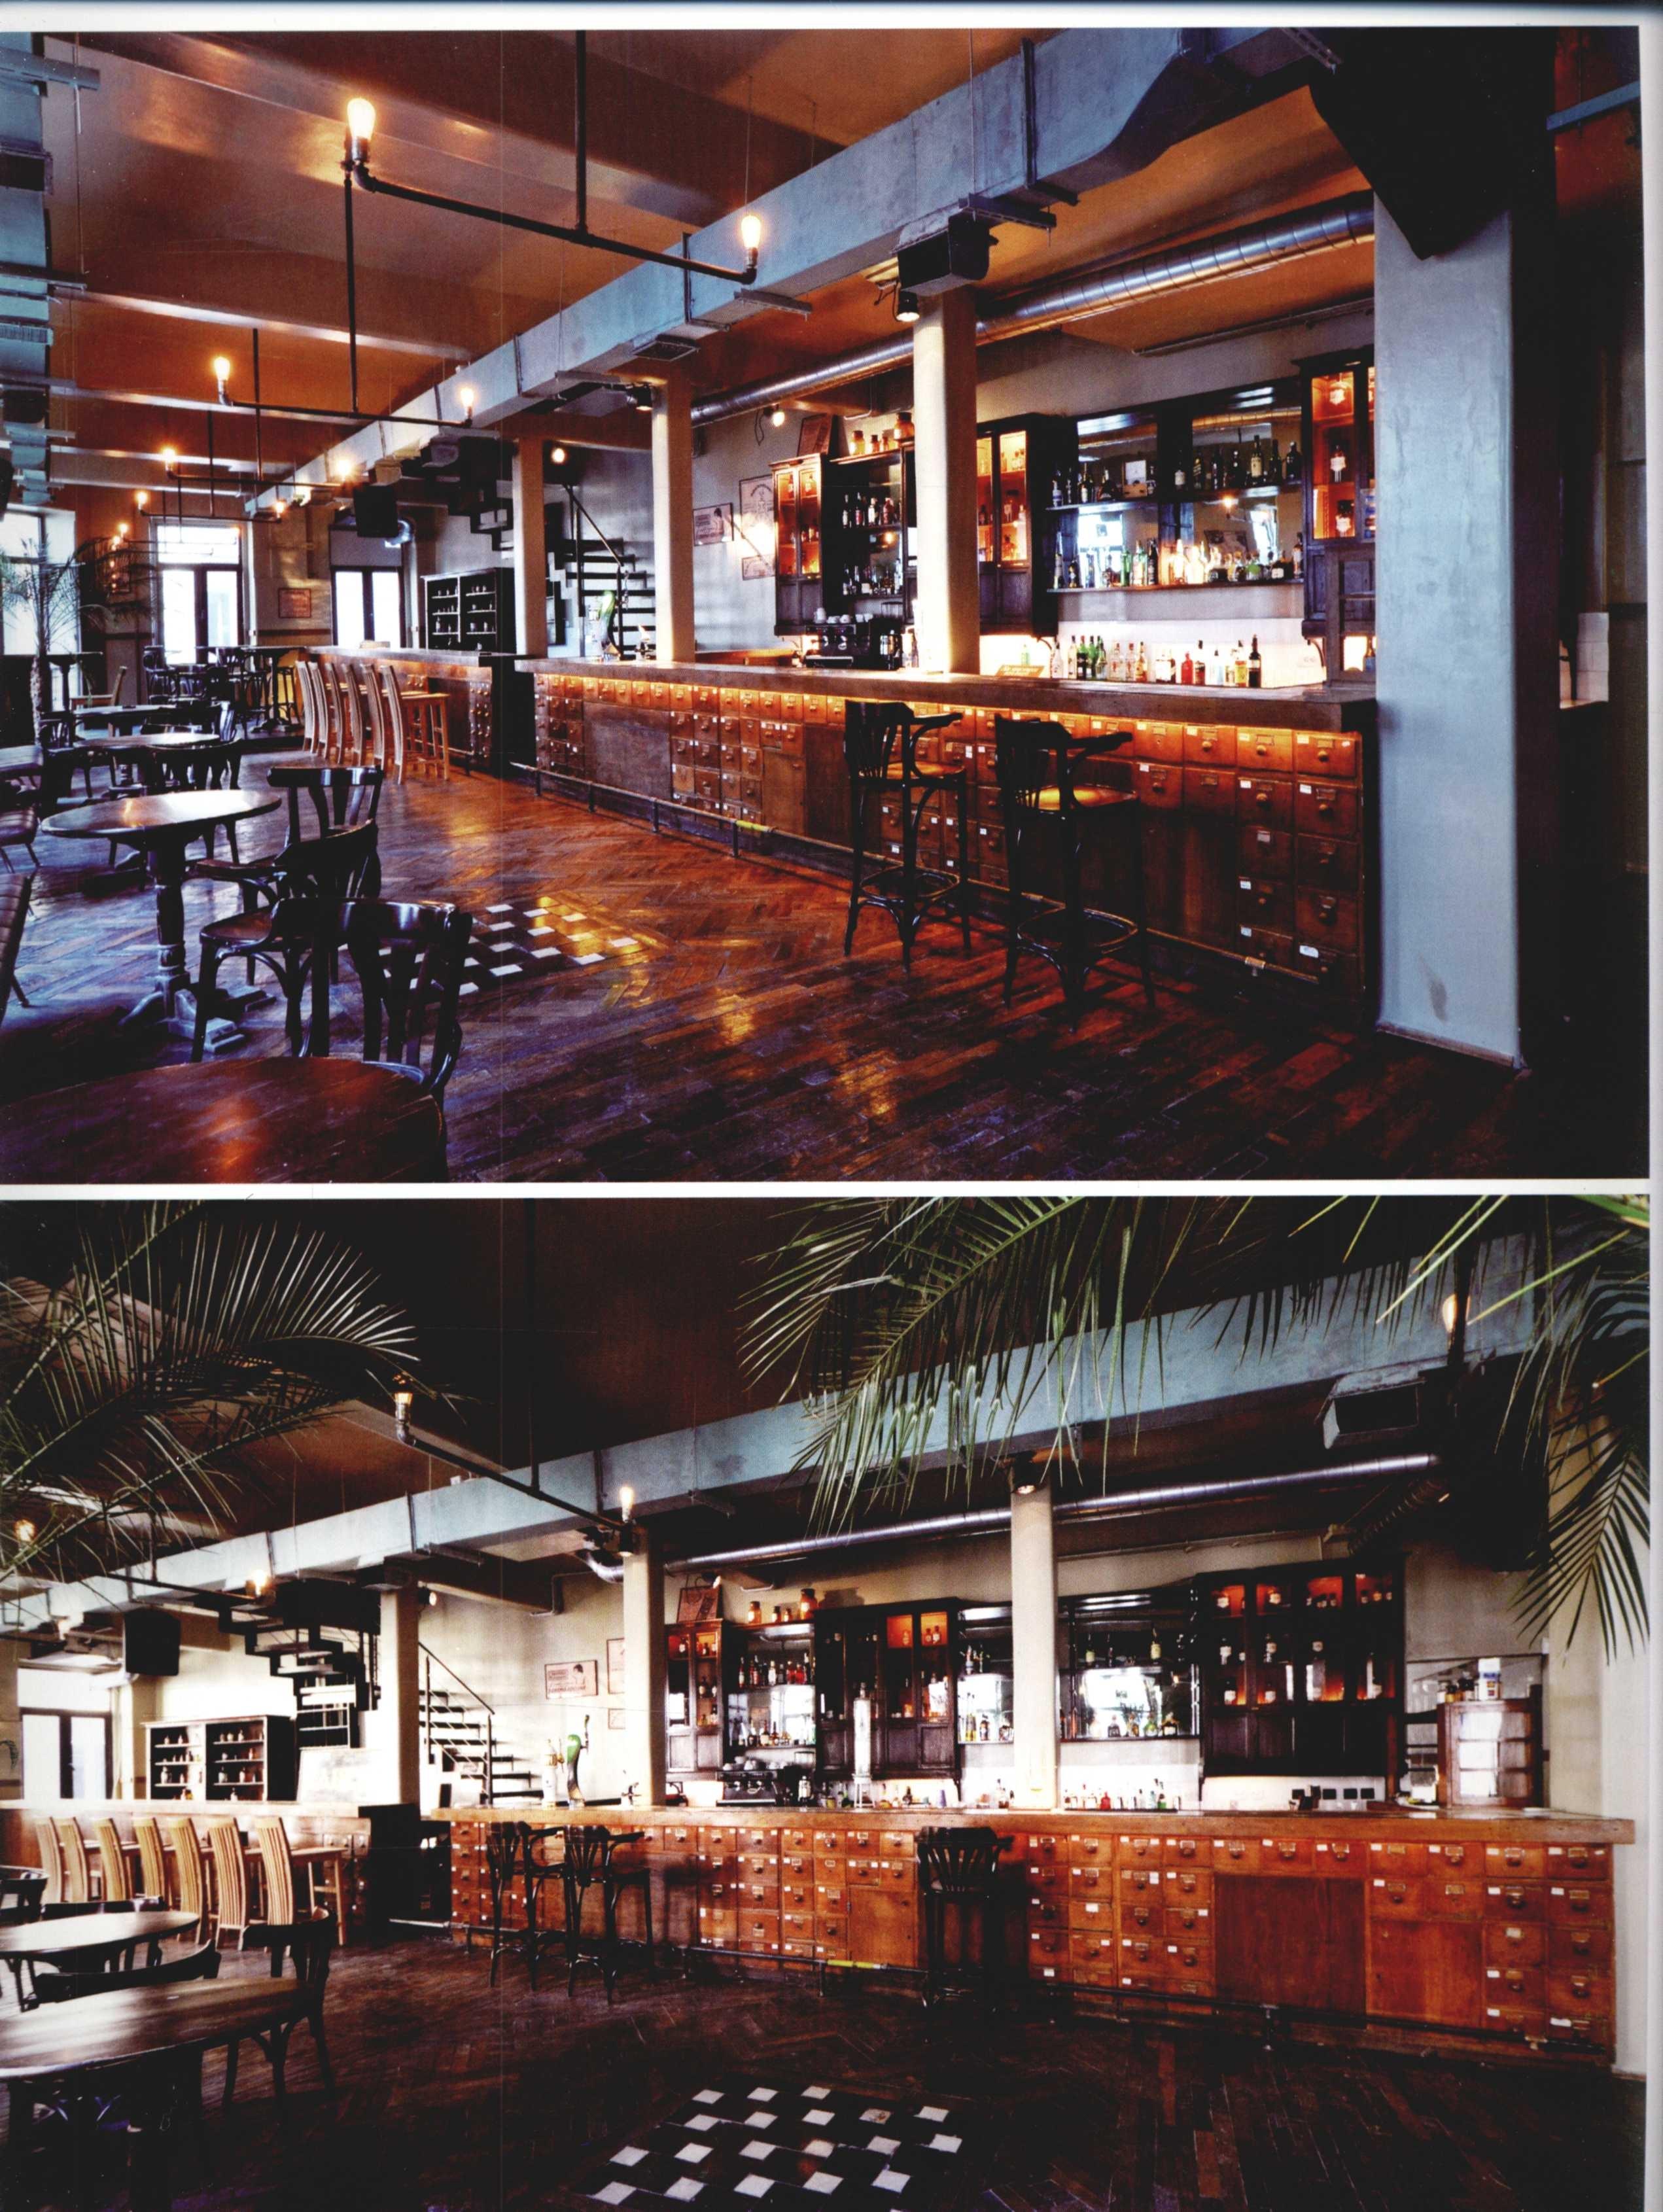 2012全球室内设计年鉴  餐饮_Page_081.jpg